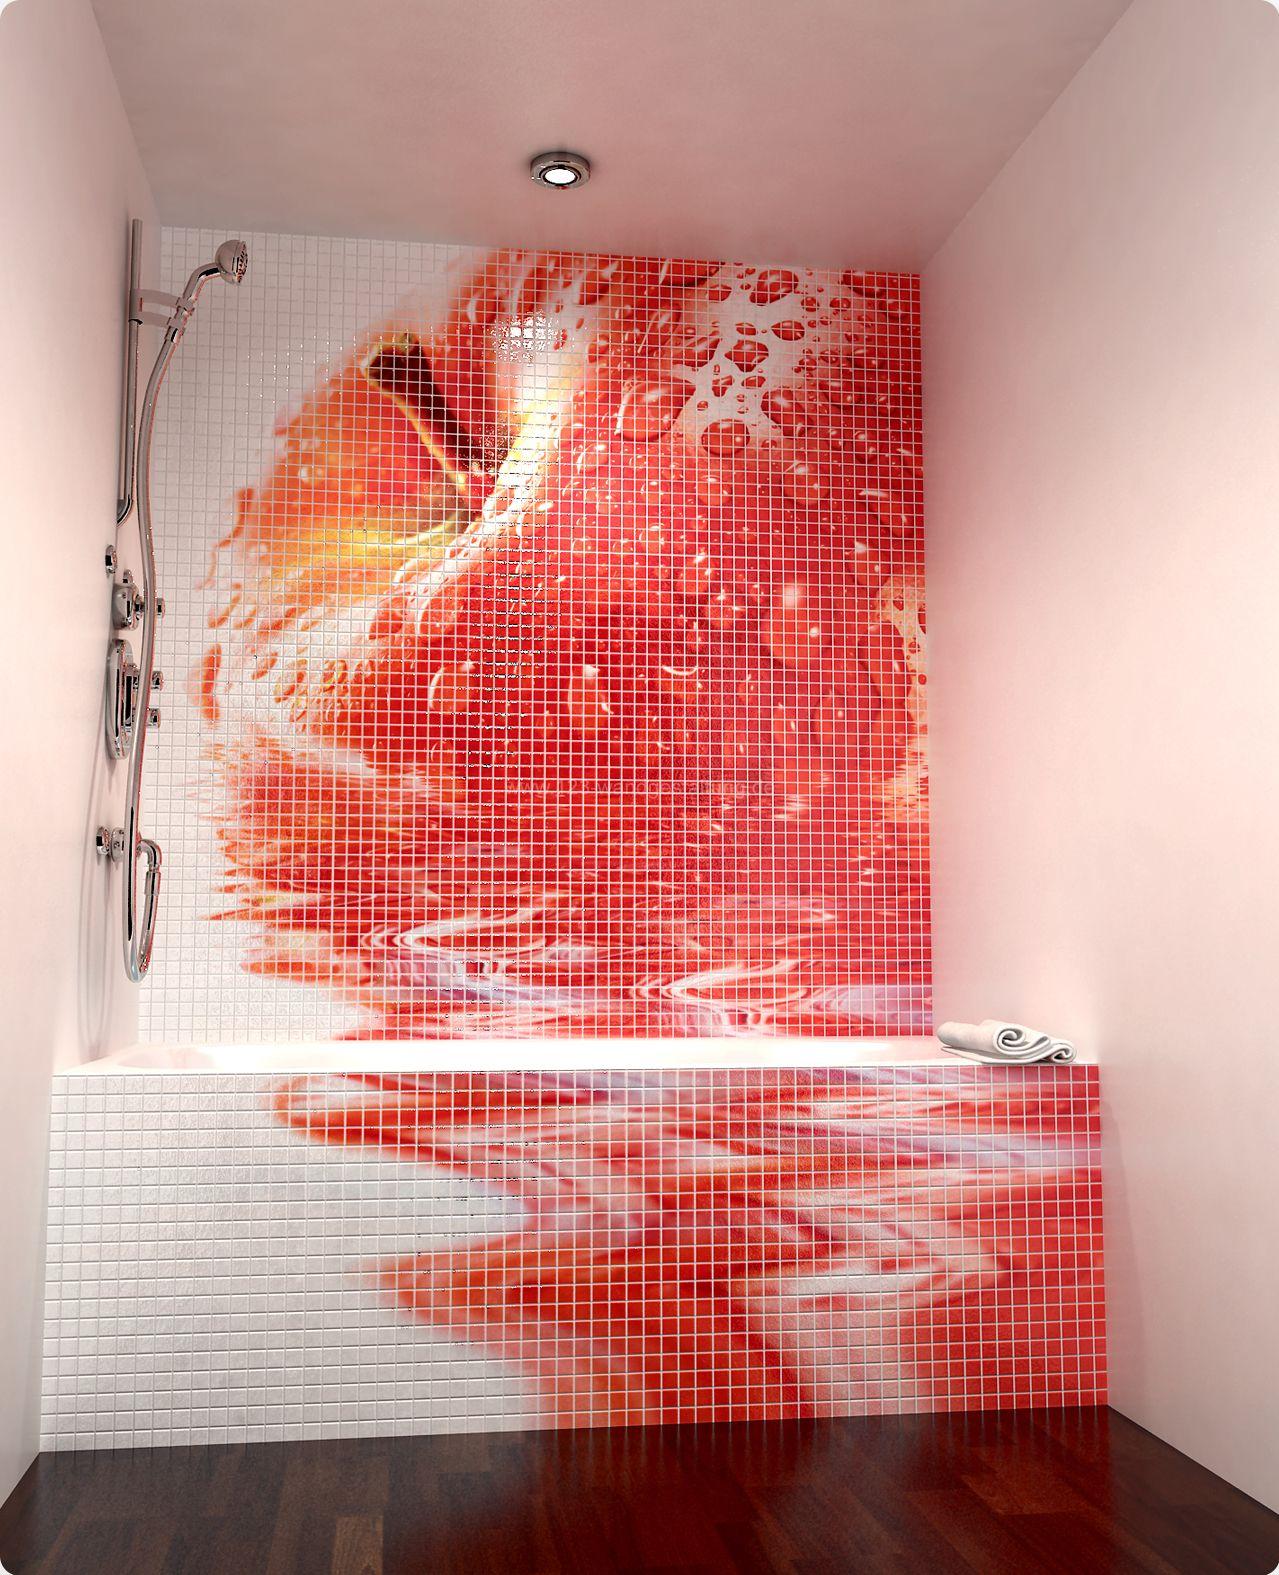 wandgestaltung mit mosaikfliesen aus keramik fr das badezimmer - Mosaik Fliesen